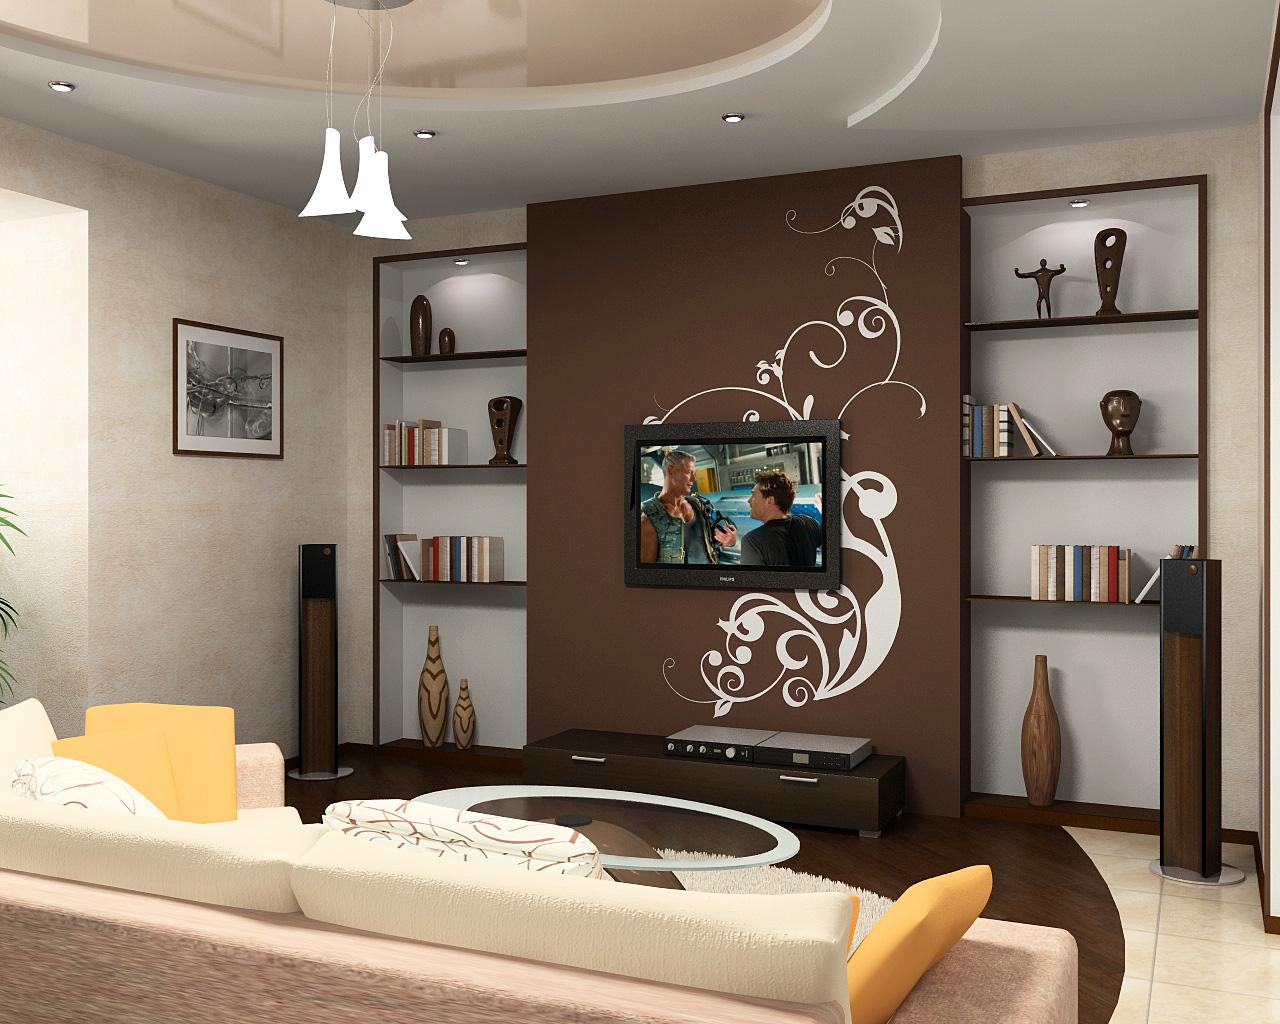 Интерьер небольшого зала в квартире фото